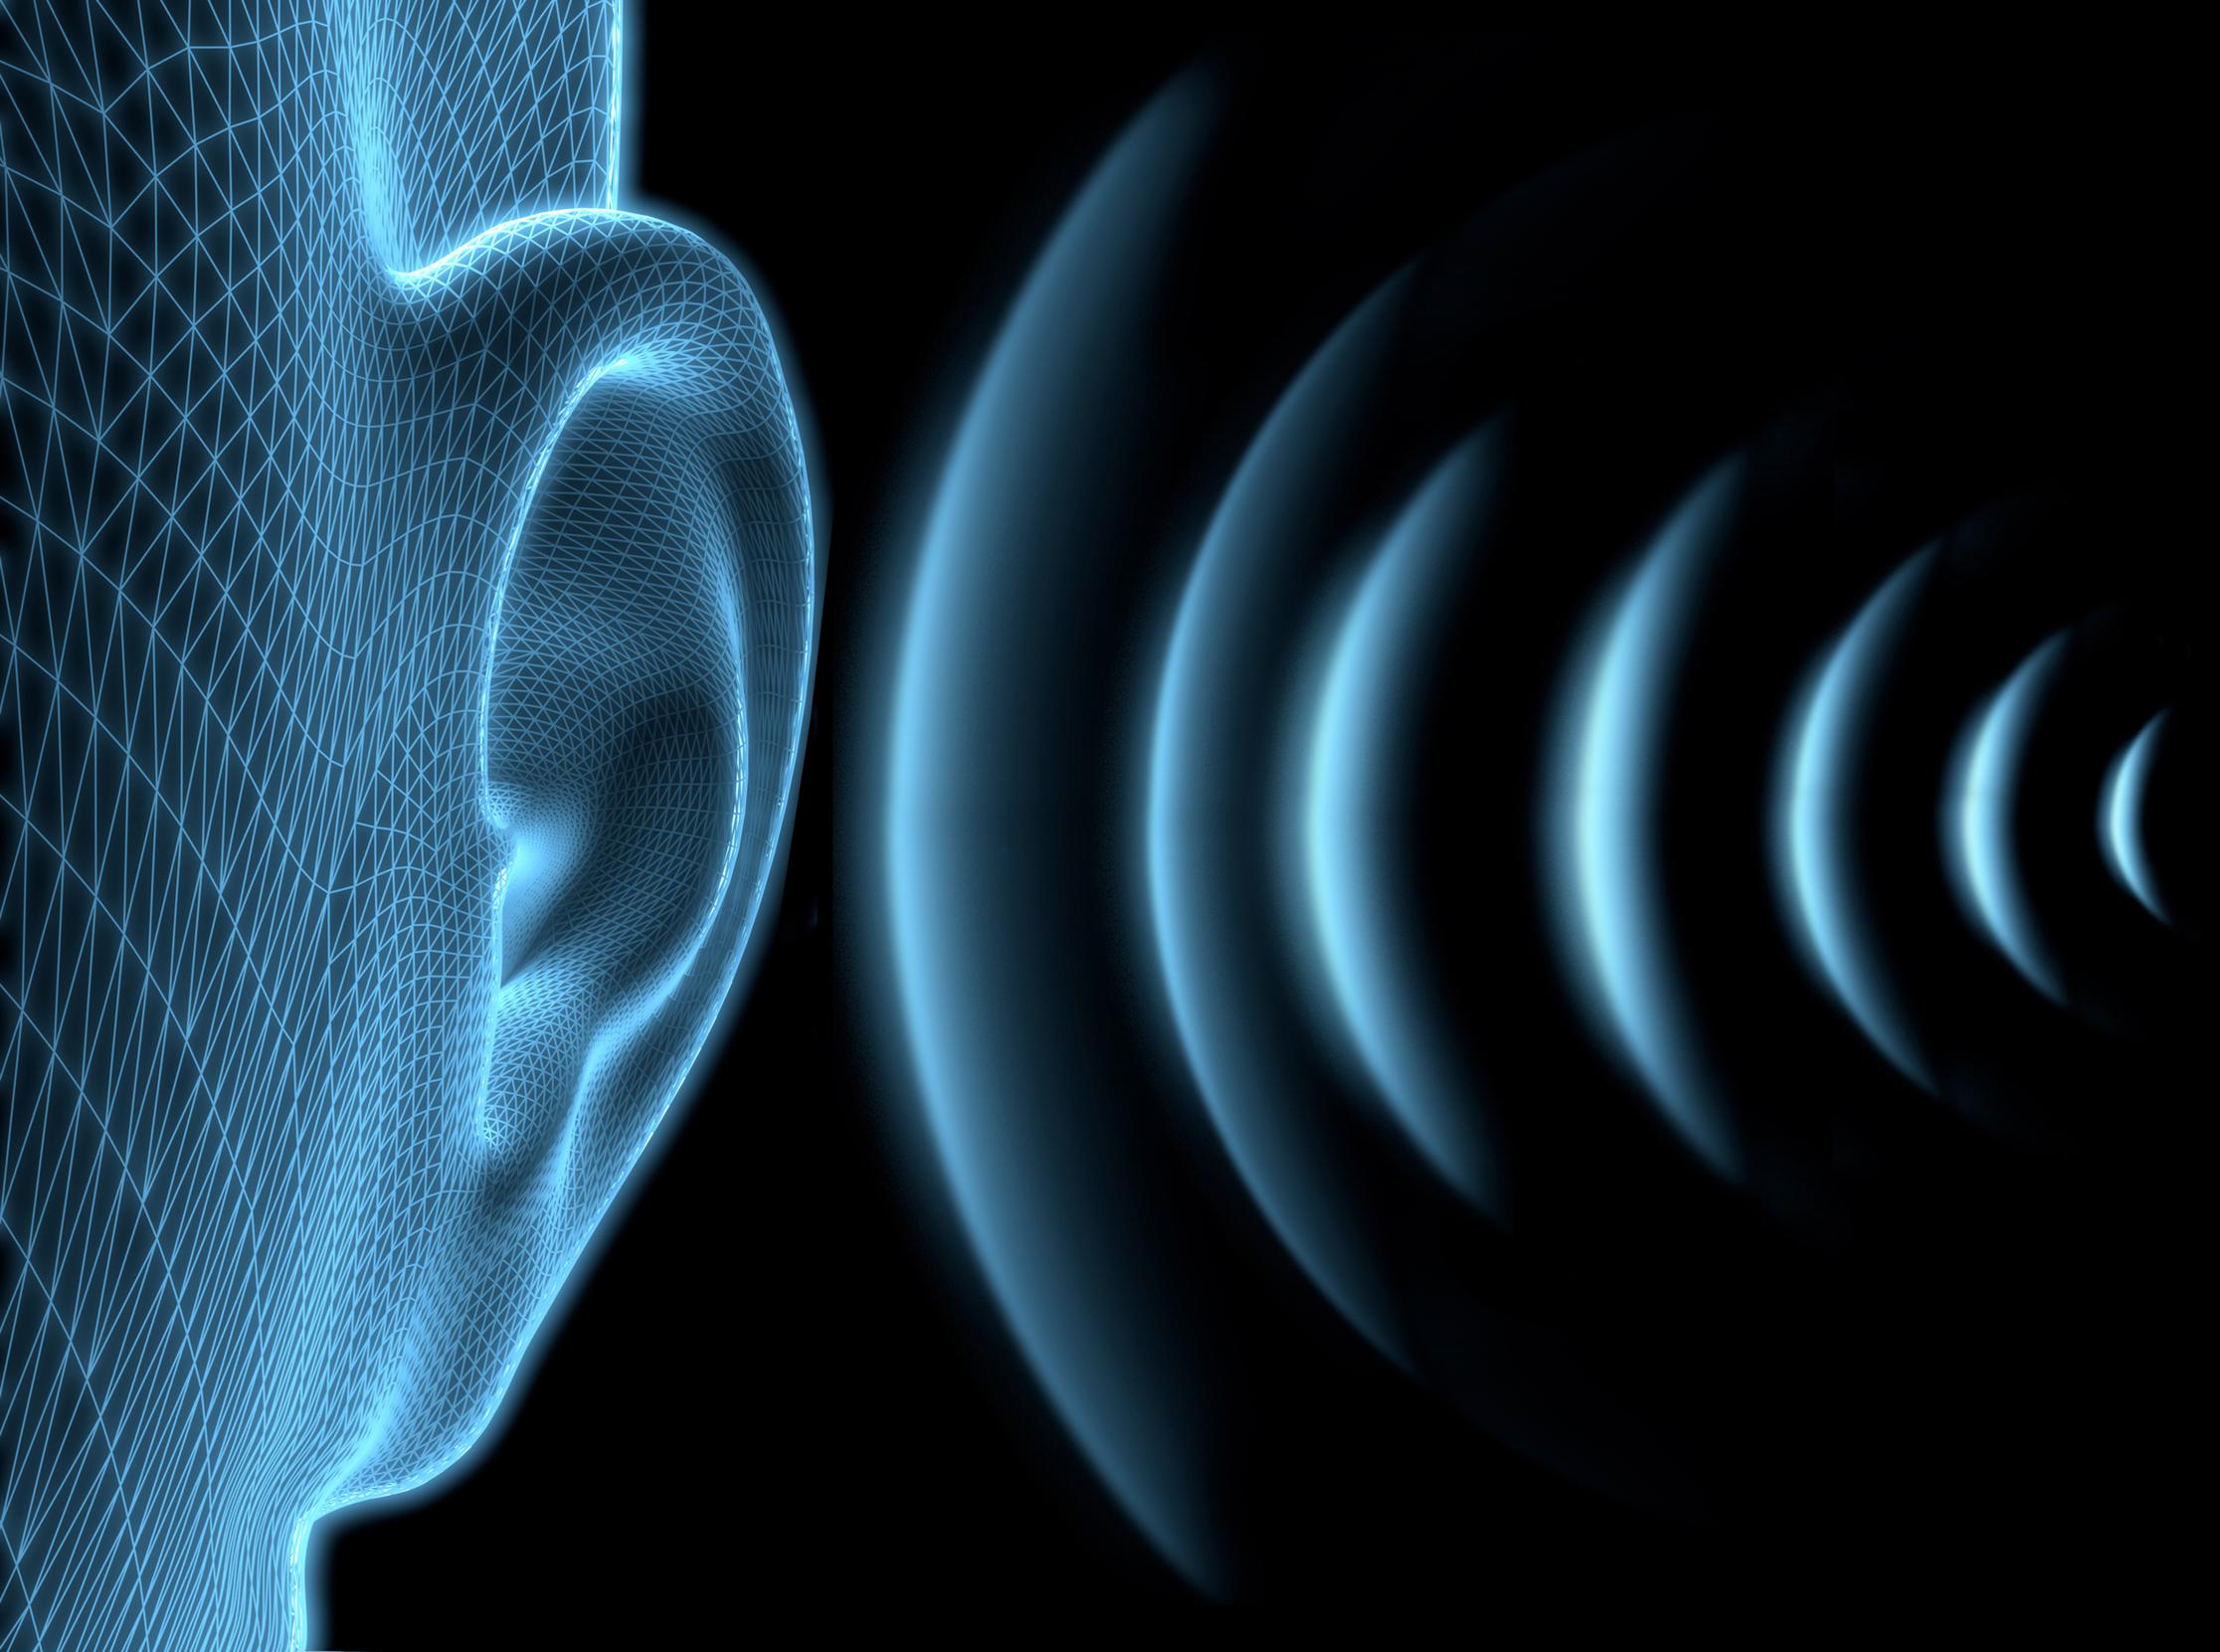 вспышки звуковые волны картинка собственная инфраструктура плане